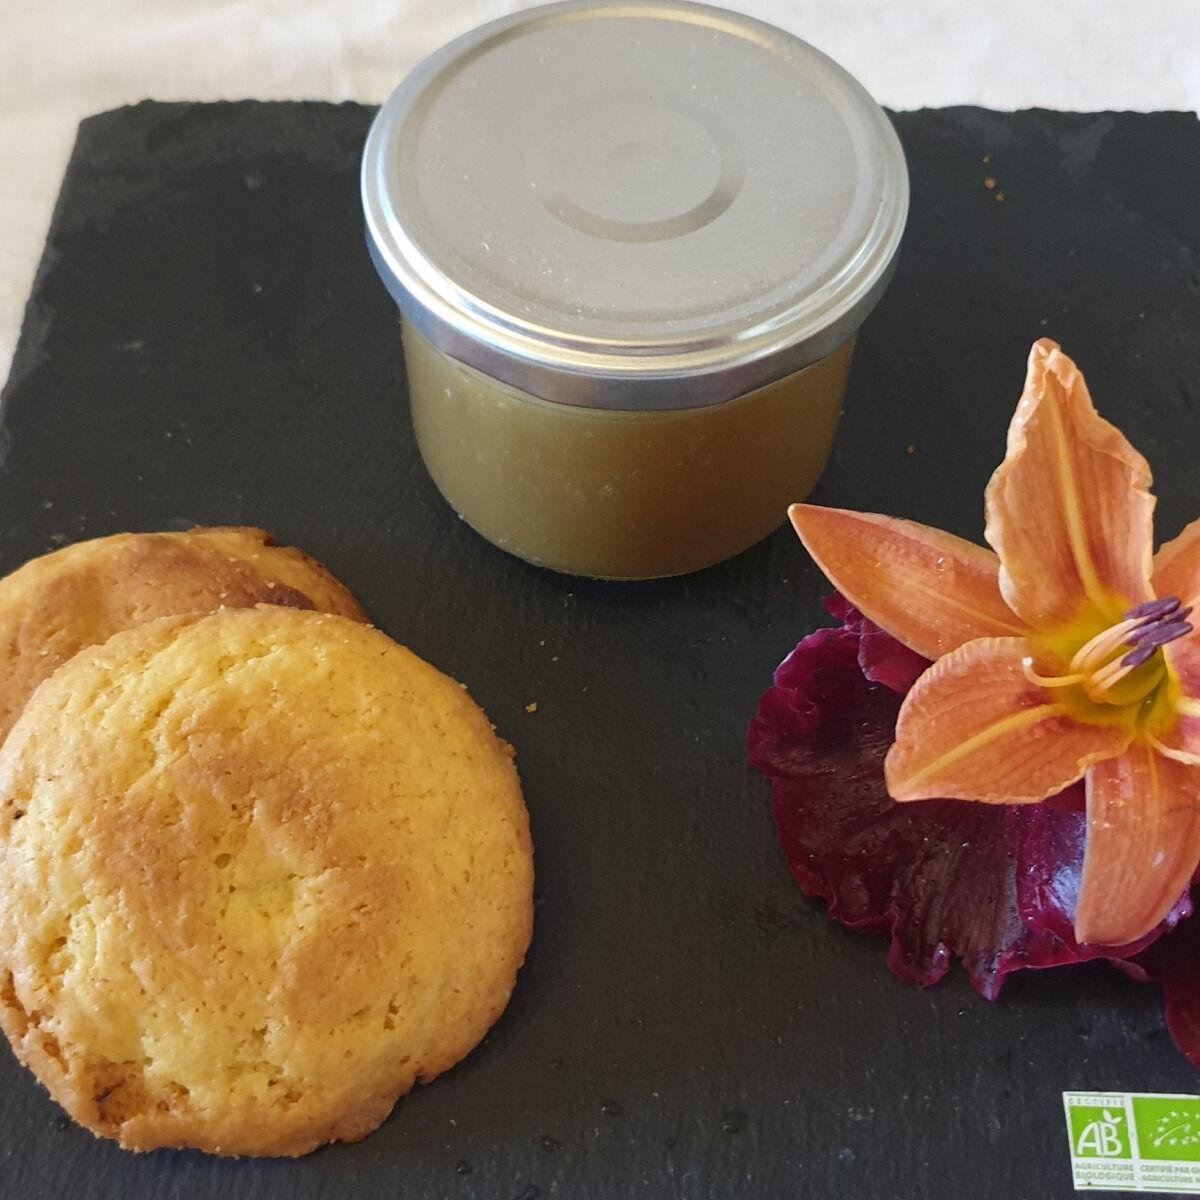 La Ferme du Montet Compote Pomme - rhubarbe - bio - allégée en sucre